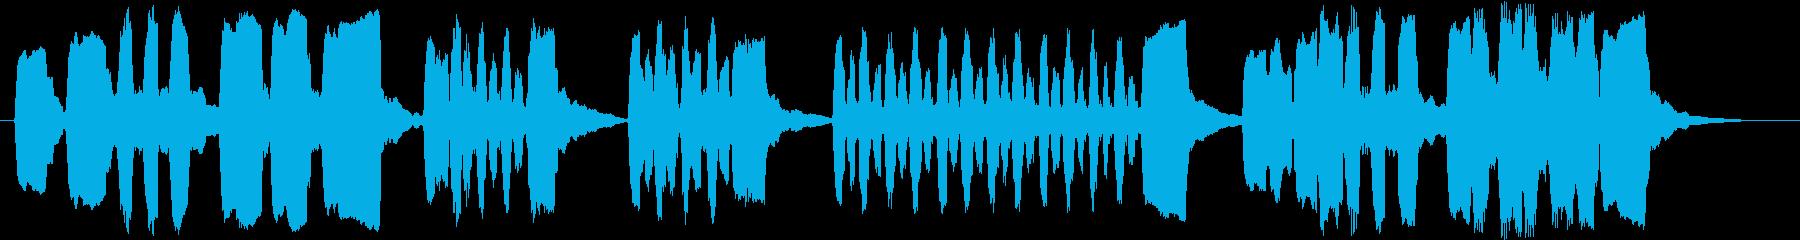 リコーダーで作ったシンプルなジングルの再生済みの波形